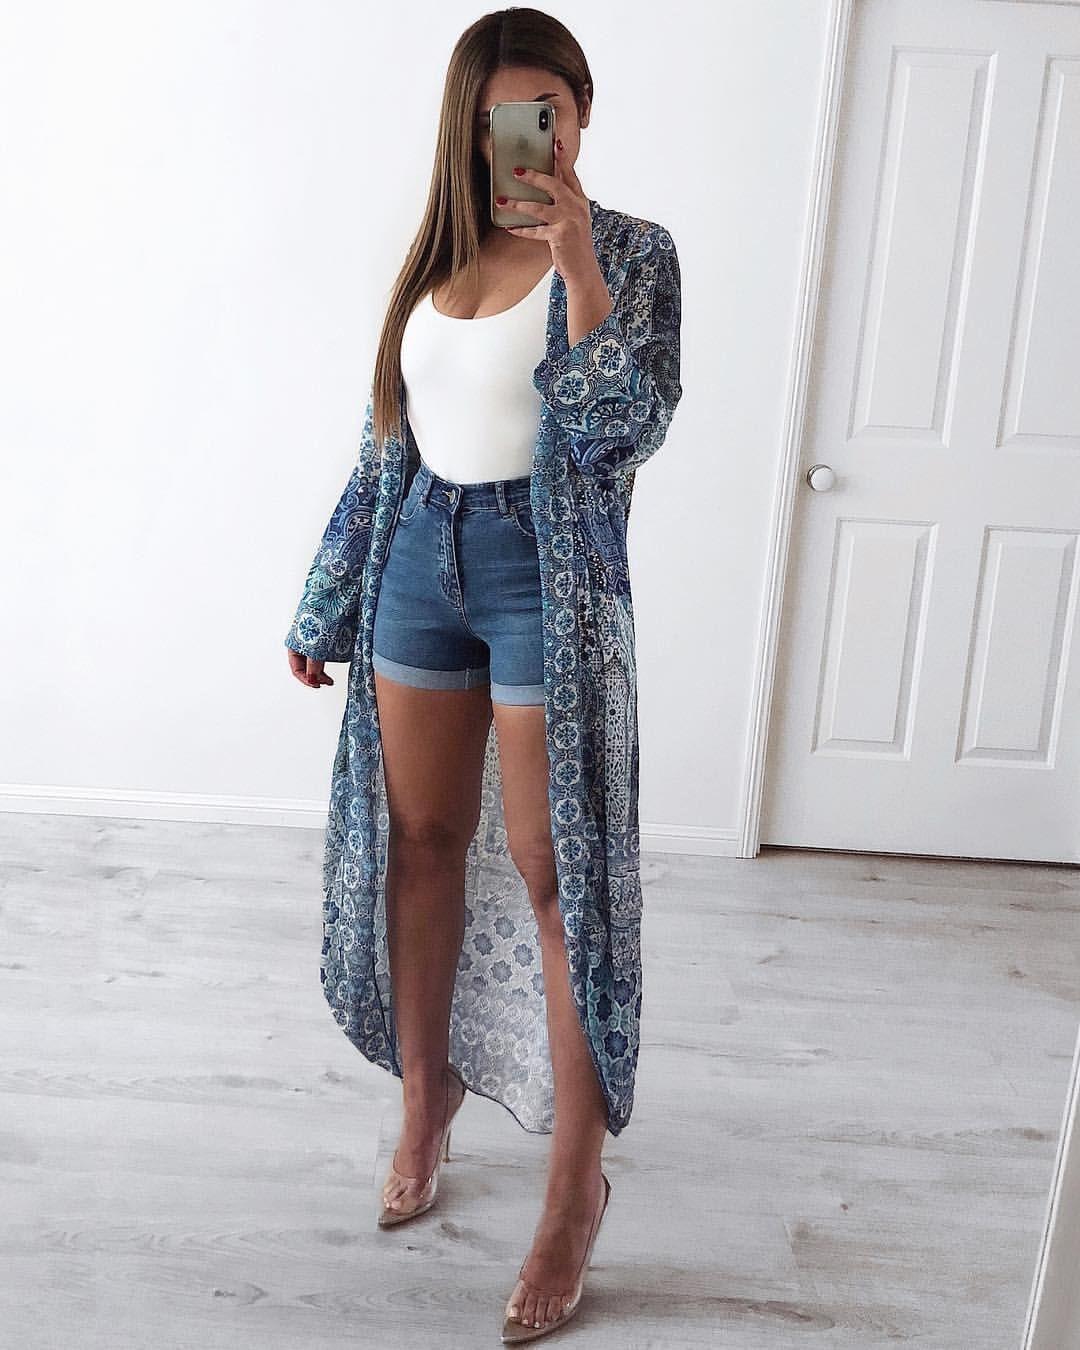 Trendy and elegant fashion model, Casual wear